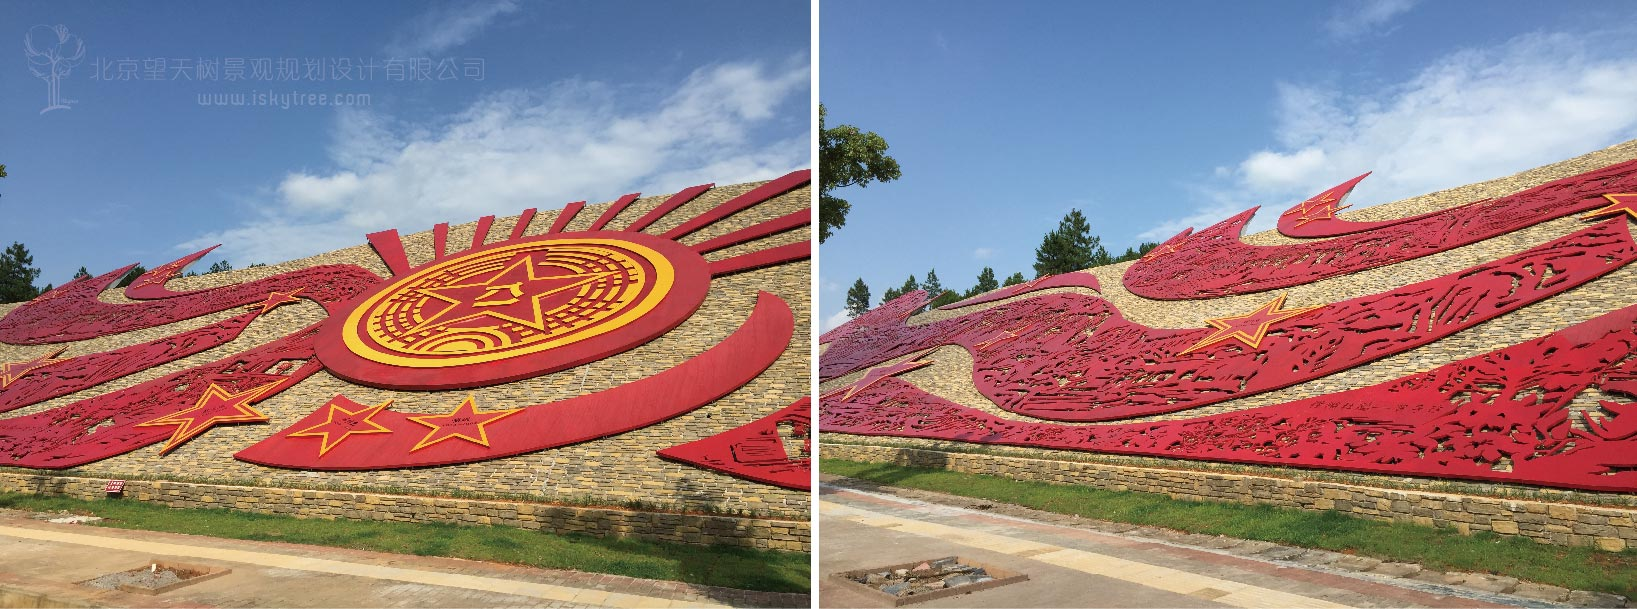 红色旅游壁画雕塑现场实景